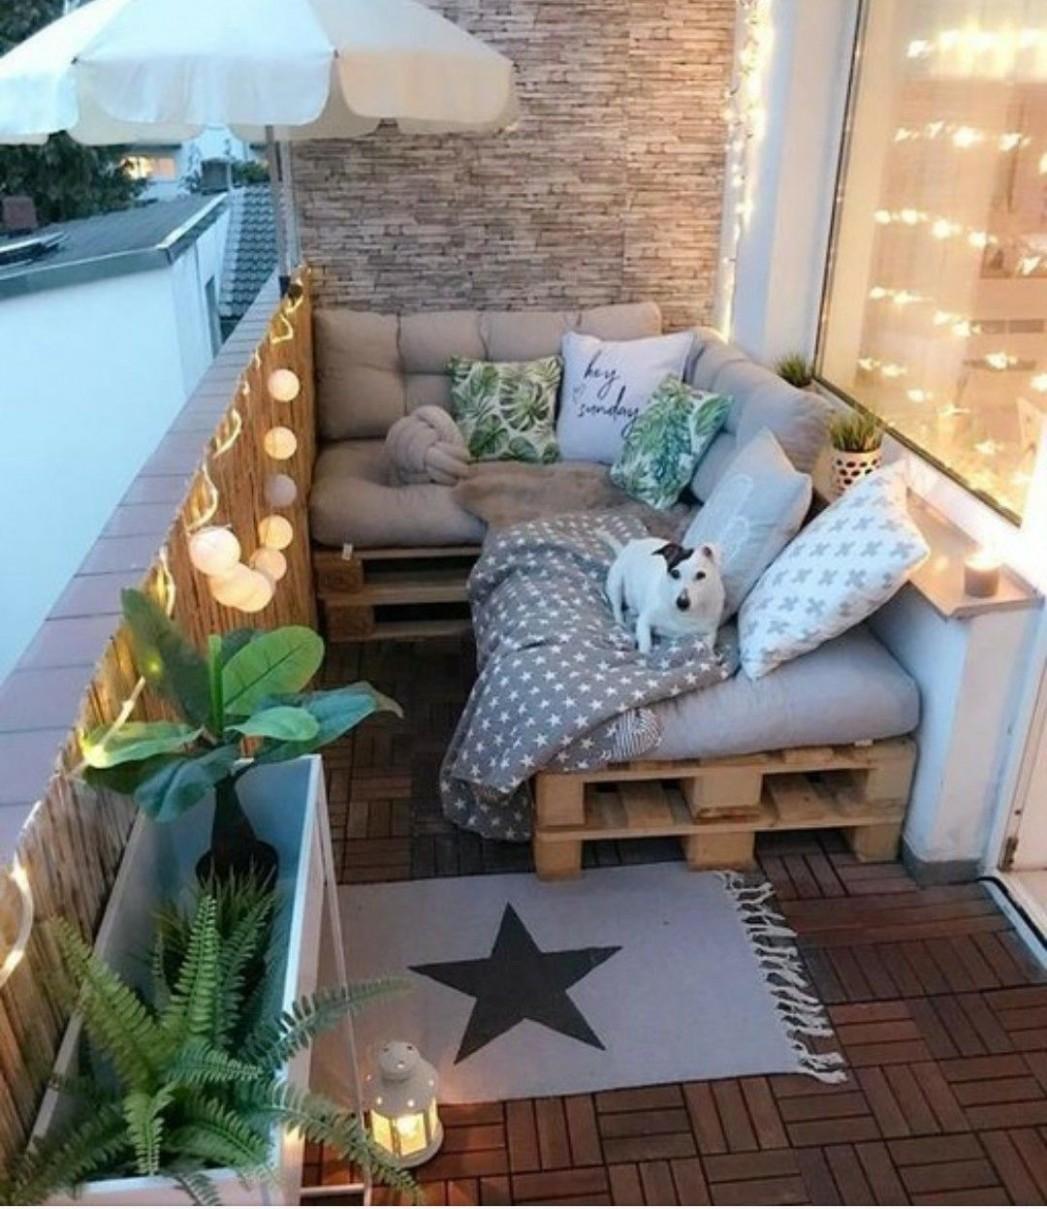 Small Balcony Ideas  Small balcony decor, First apartment  - Decorating Apartment Balcony Ideas